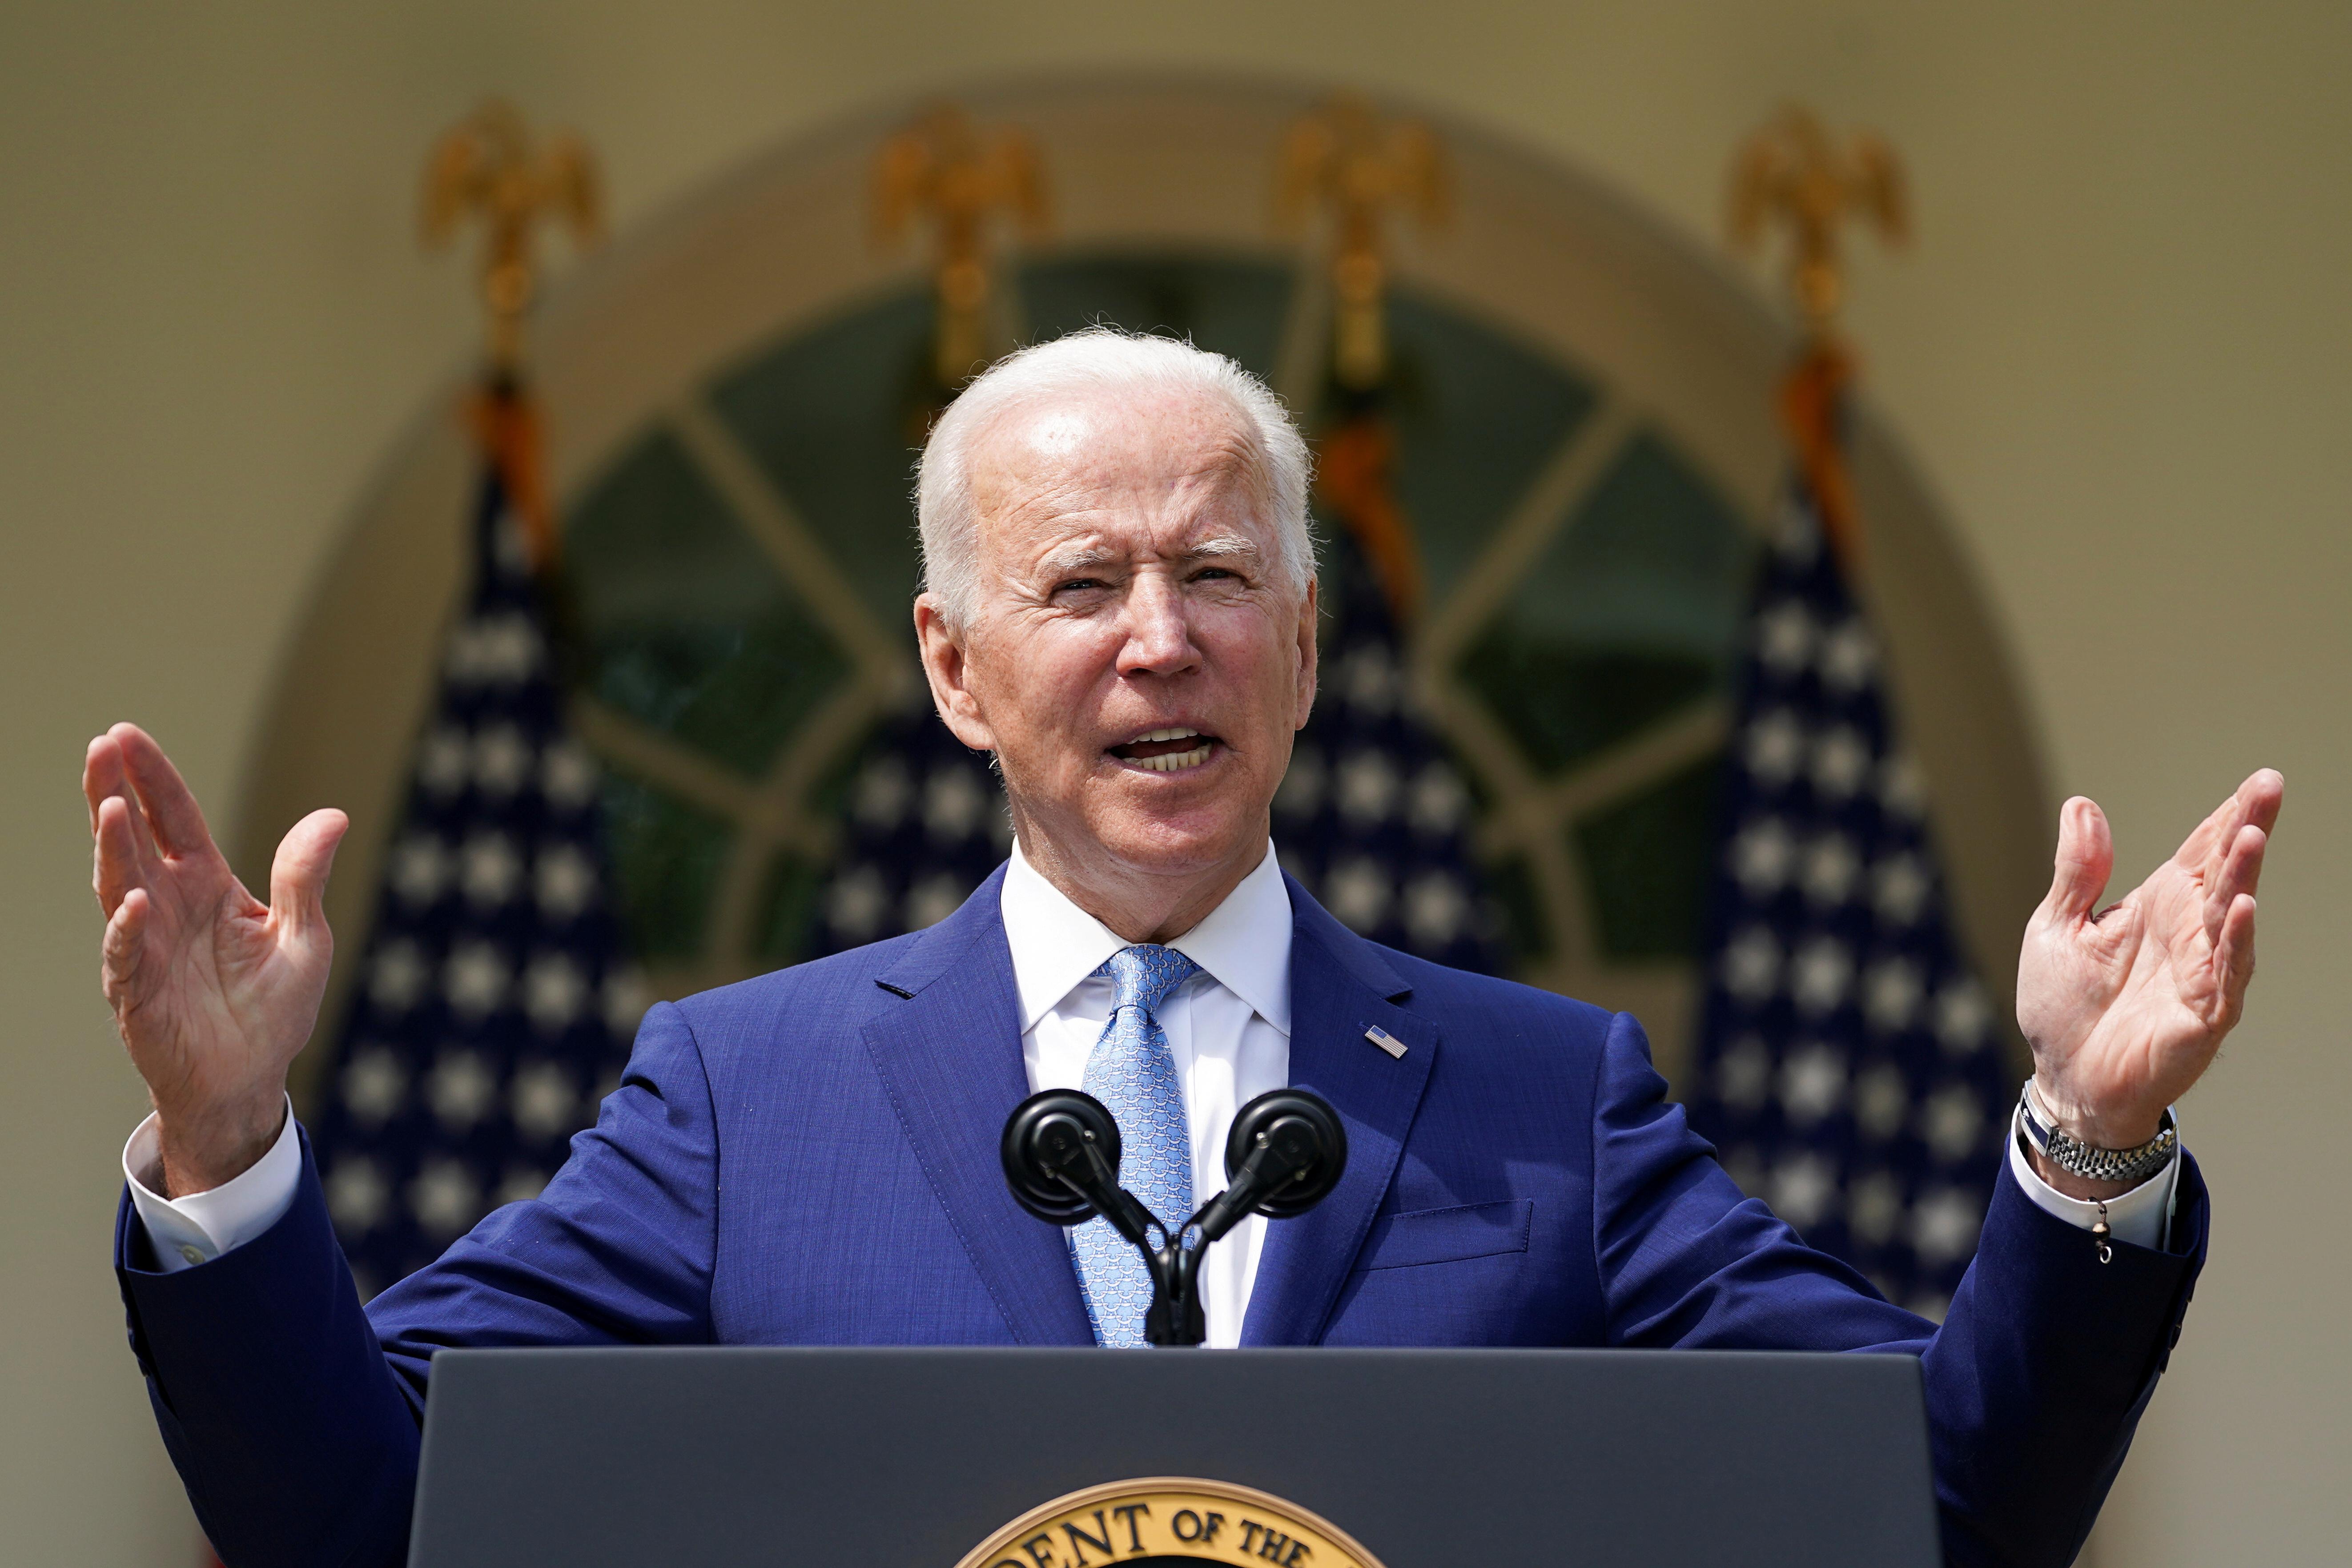 Joe Biden anunciará oficialmente hoy más tarde que Washington retirará sus 2.500 soldados restantes de Afganistán antes del 11 de septiembre.